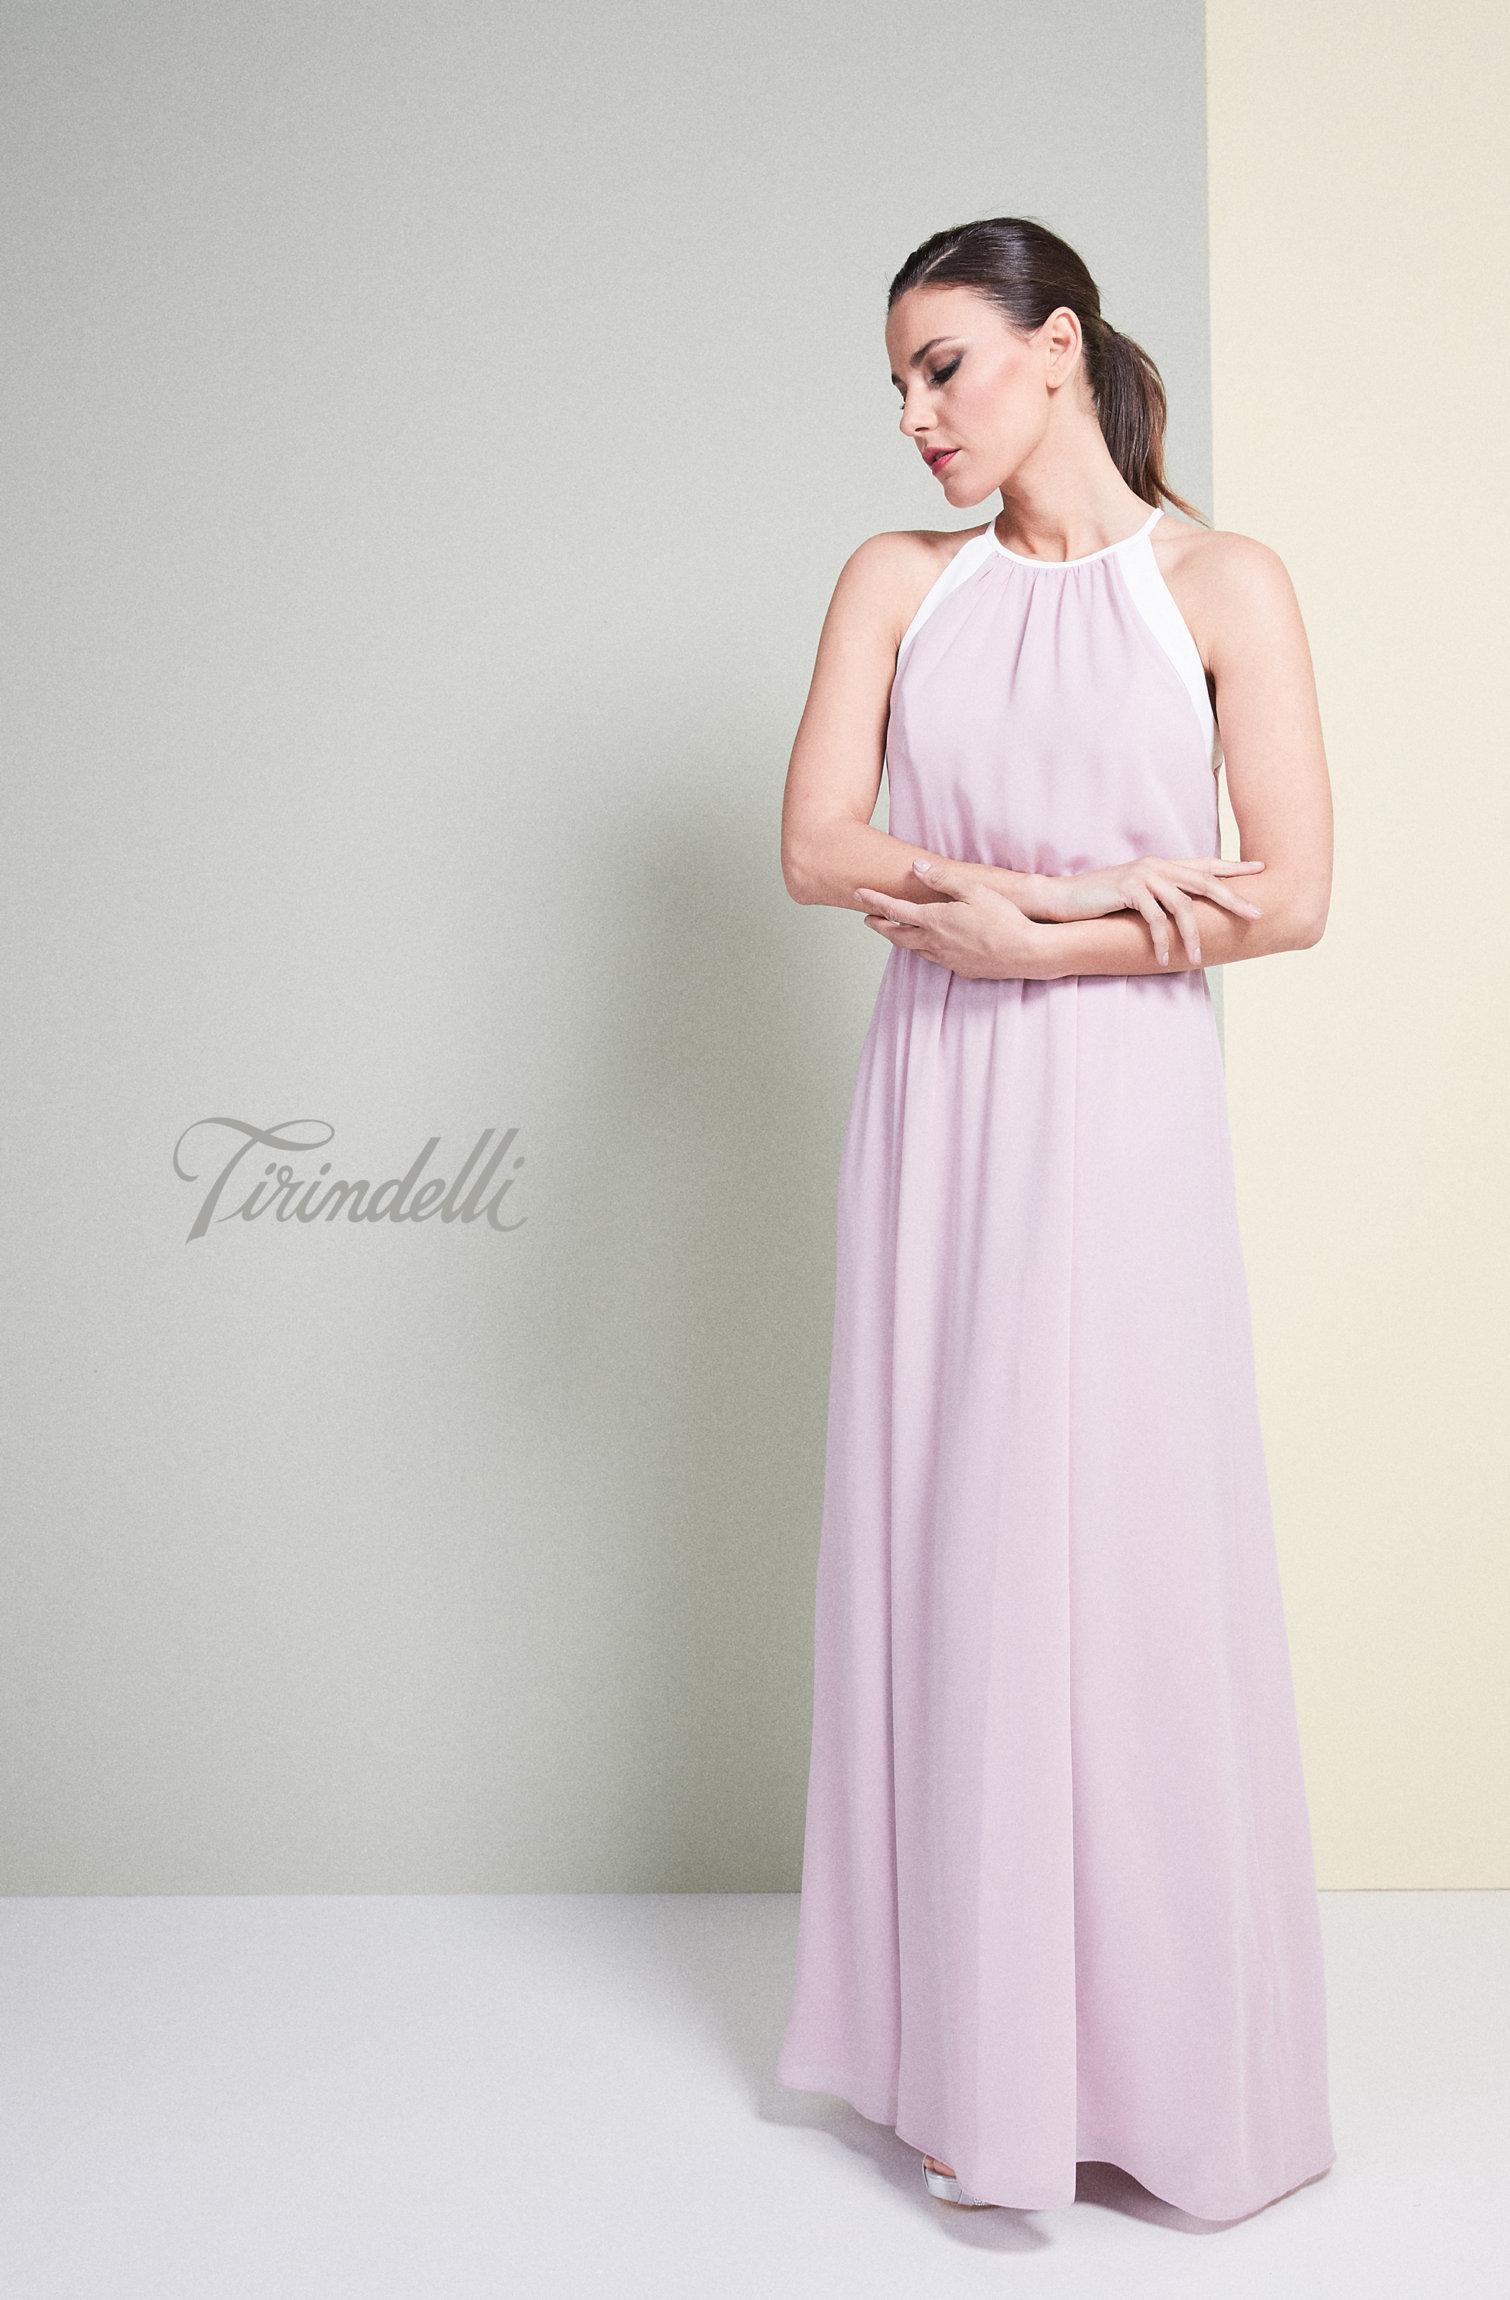 fascino dei costi prima qualità 100% di soddisfazione Damigelle - Tirindelli